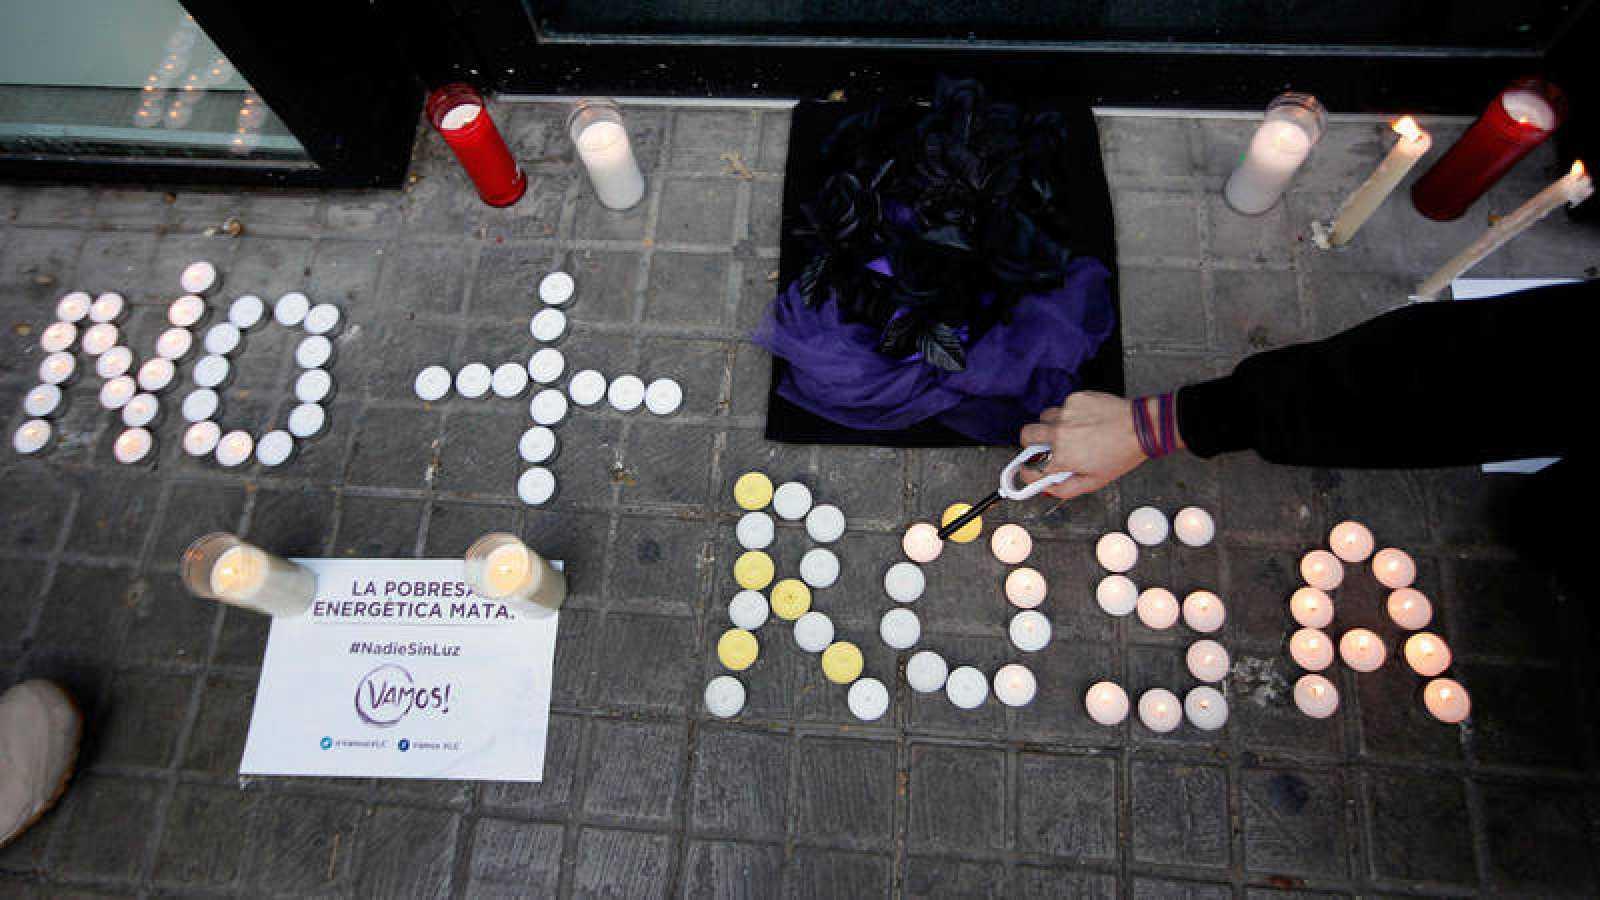 Concentración en Valencia para protestar contra la pobreza energética